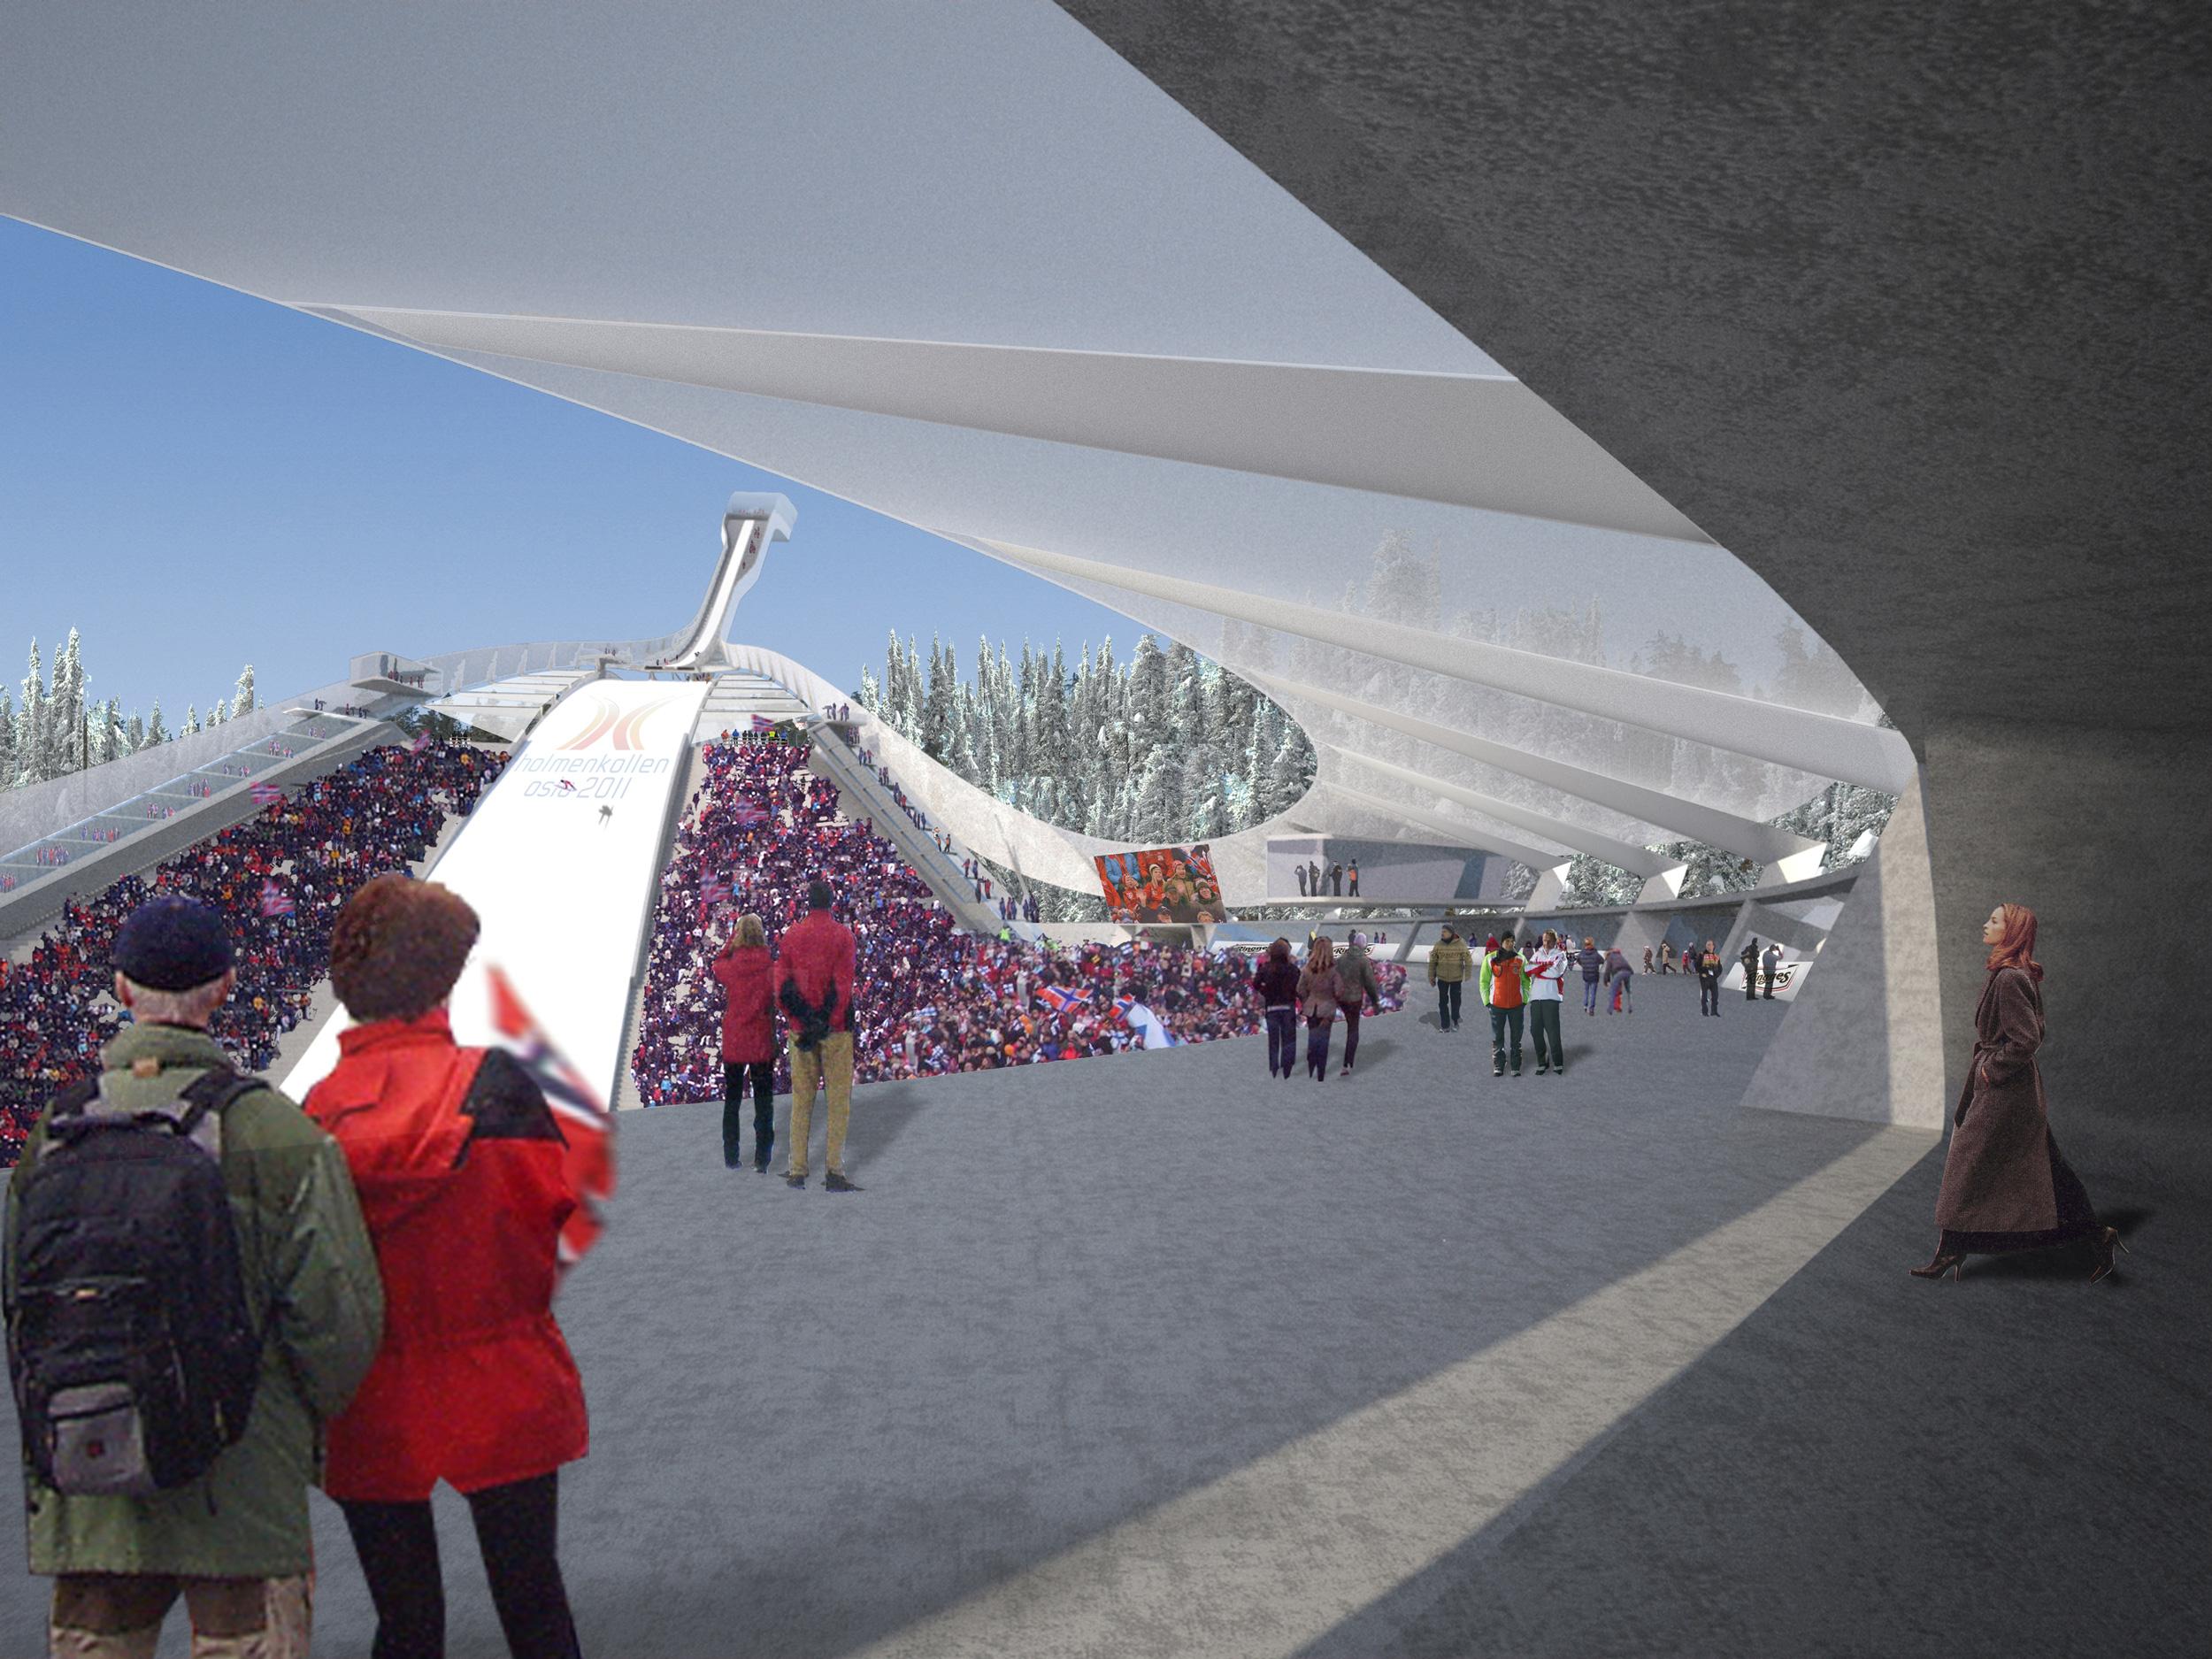 vis_stadion-stor.jpg